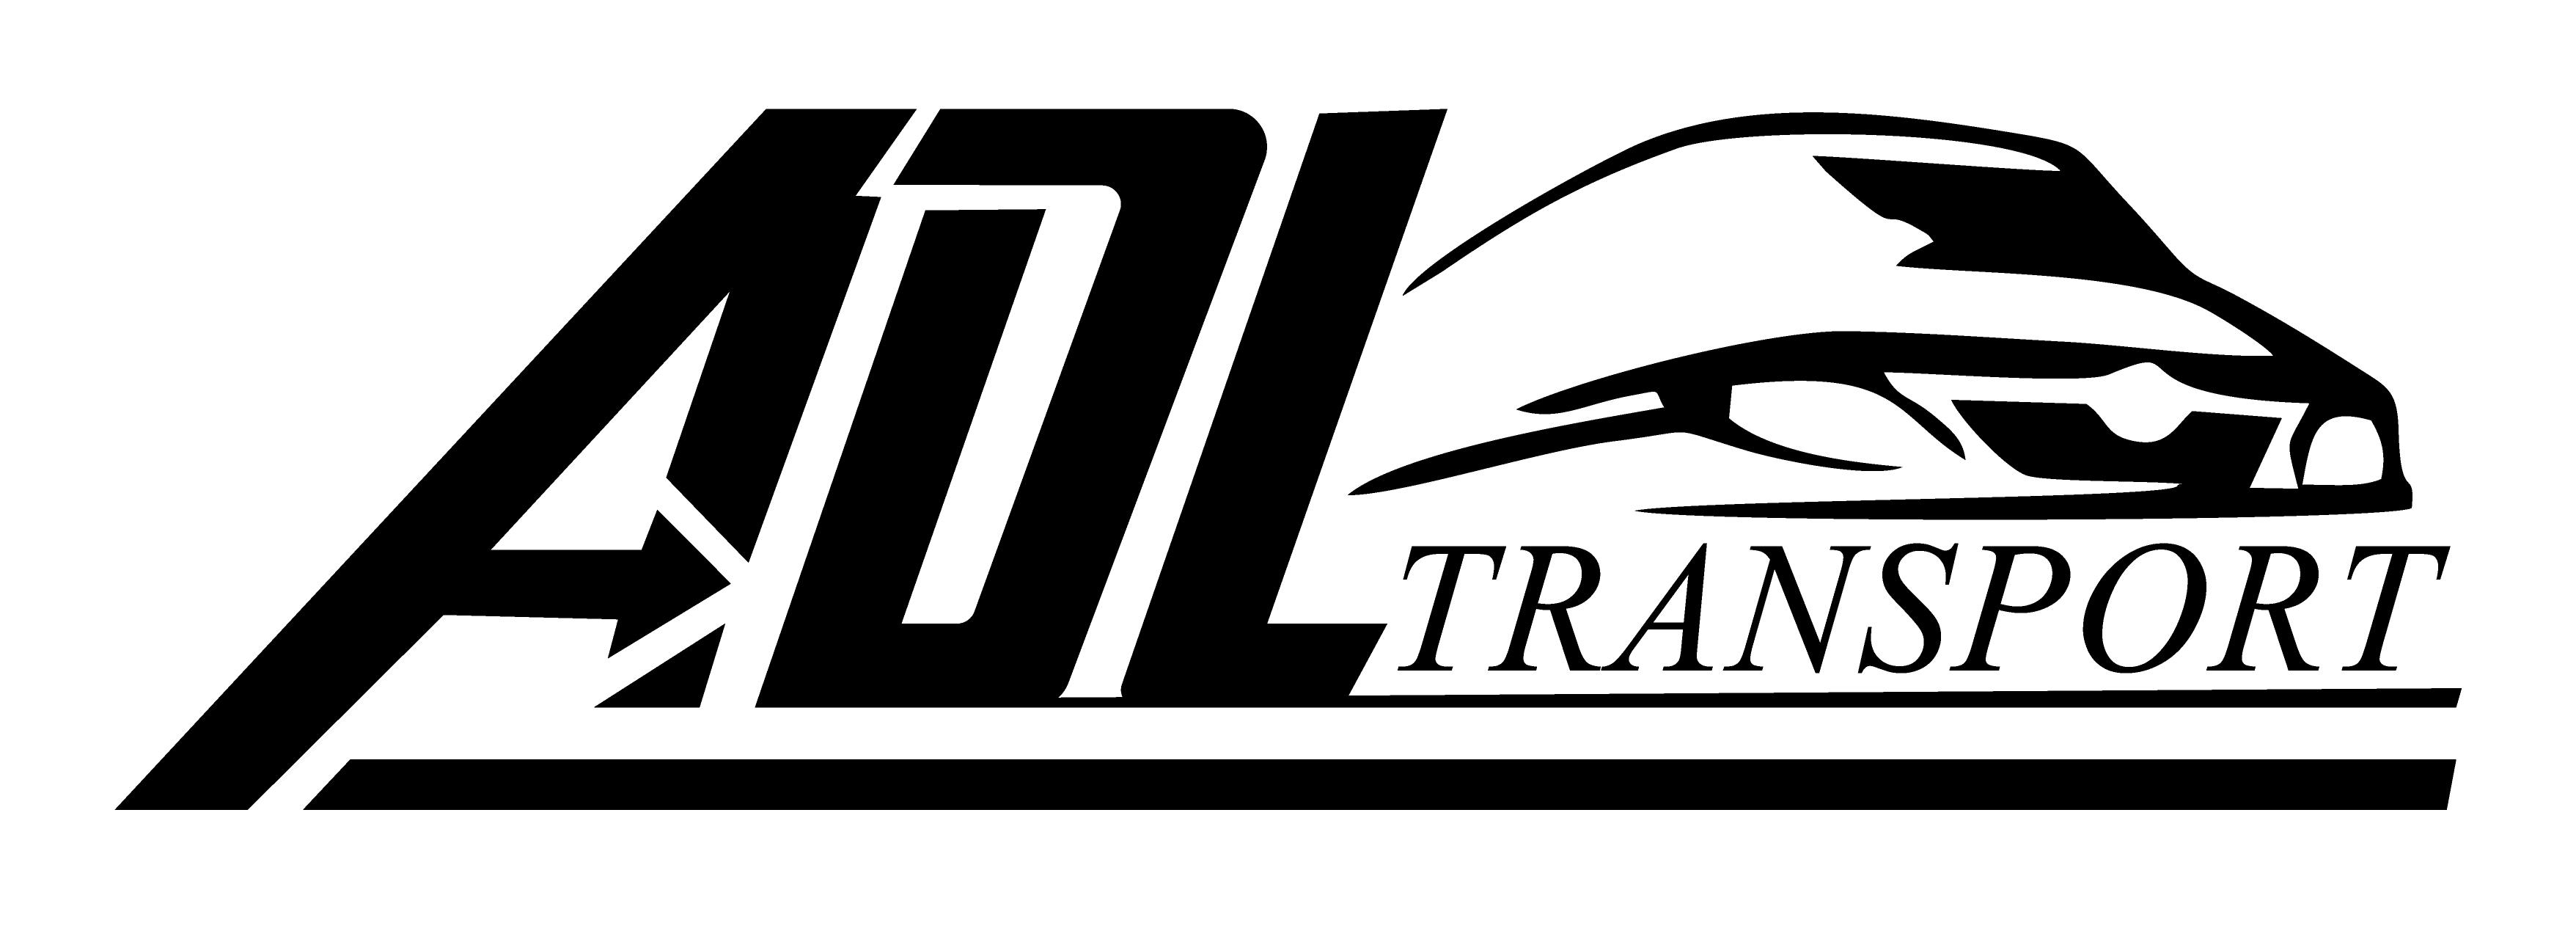 ADL Transport